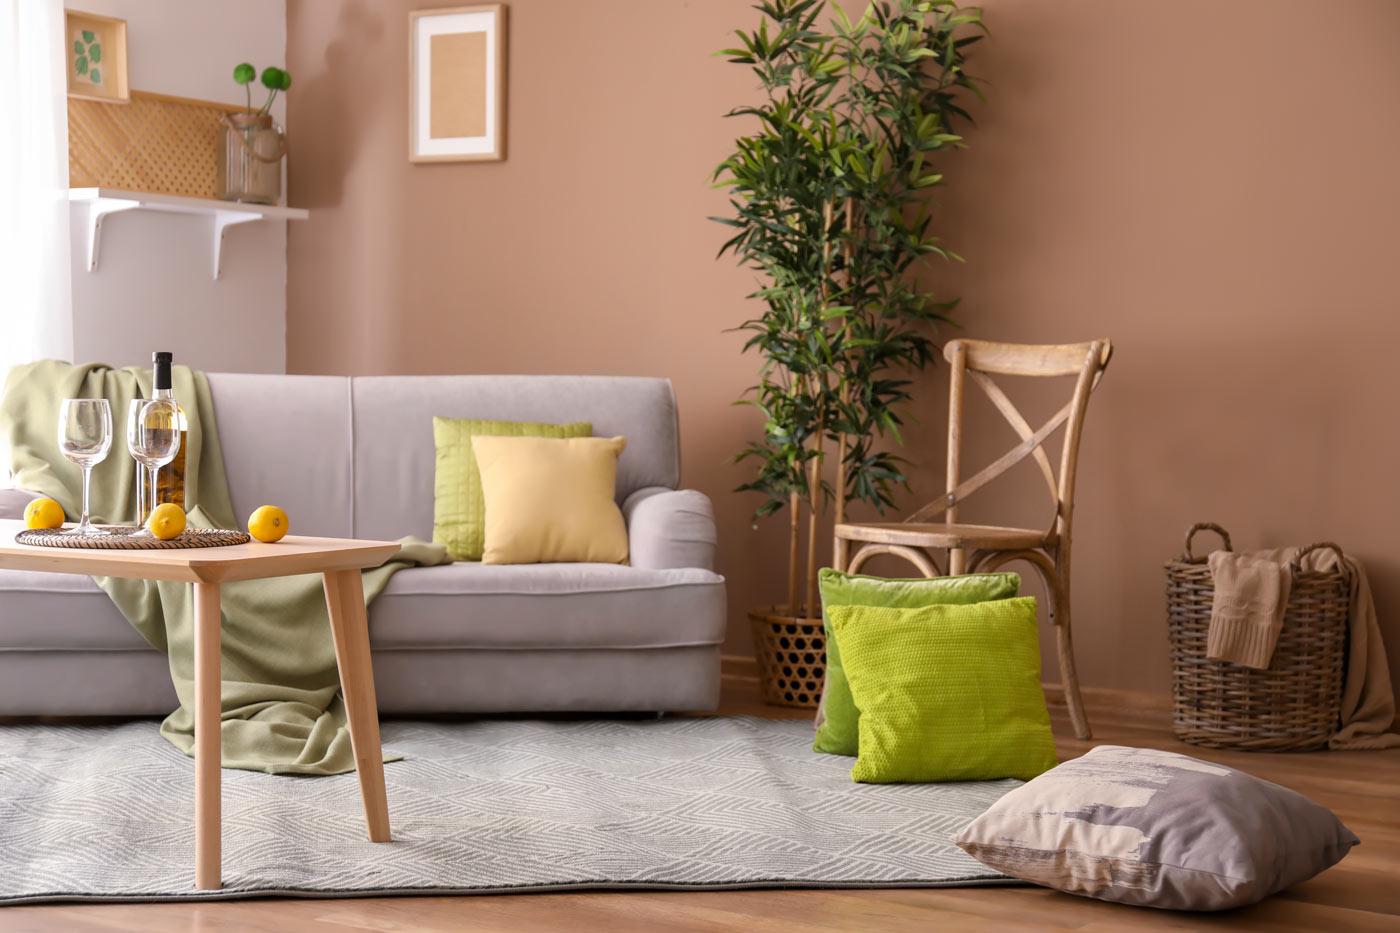 abbinare il colore delle pareti ad un arredamento legno chiaro